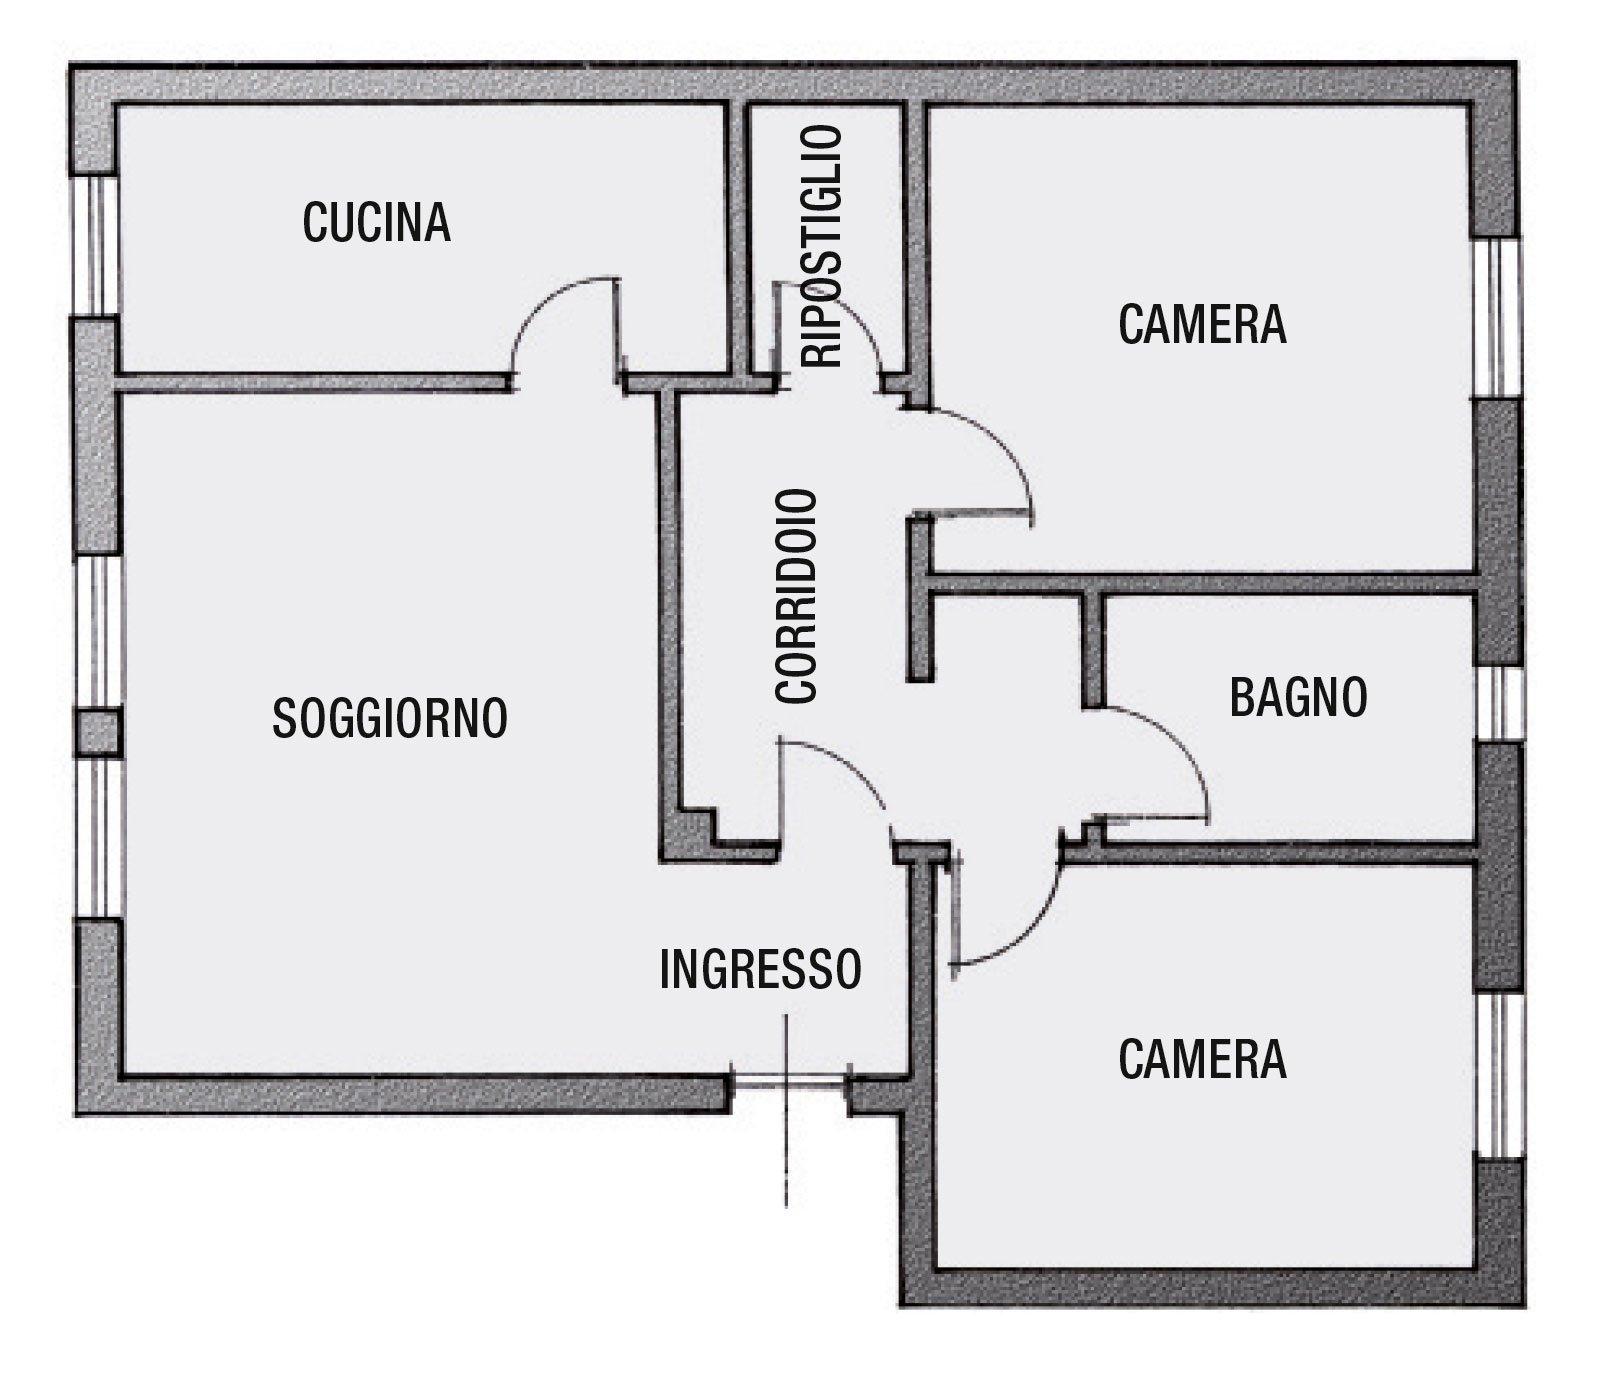 Casabook immobiliare da ripostiglio a bagno la pianta - Pianta bagno ...